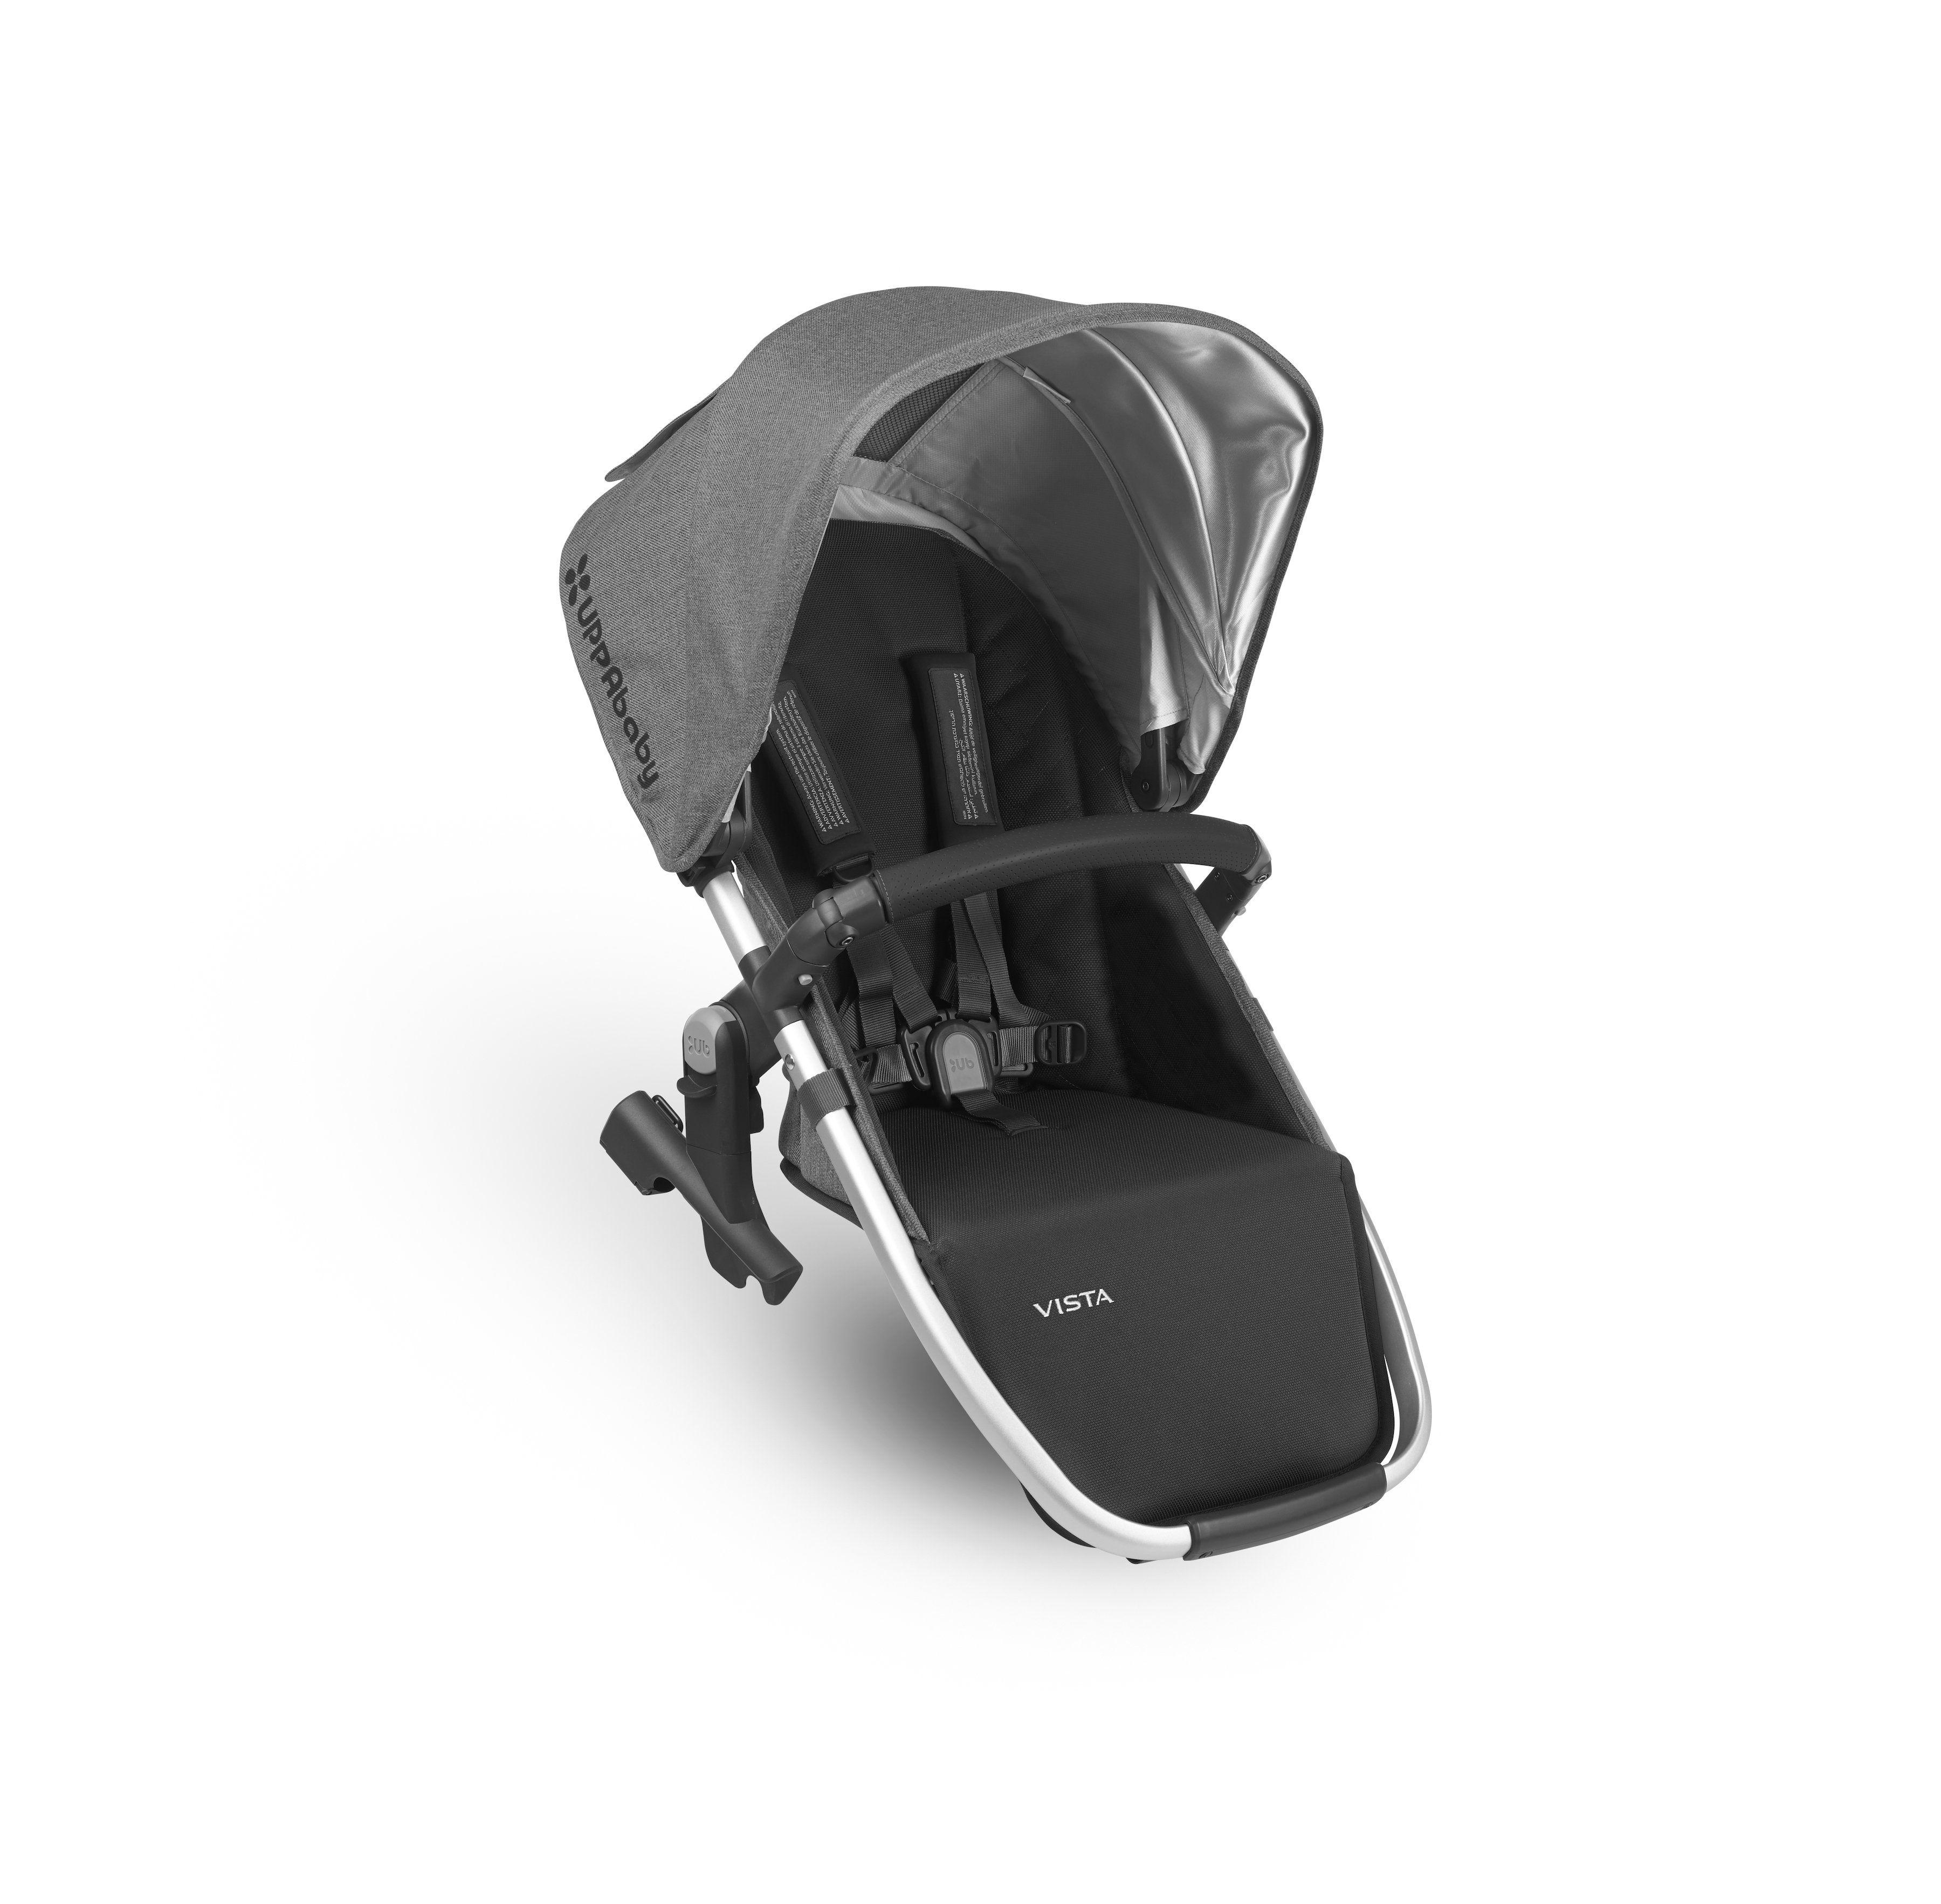 2019 UPPAbaby Vista Rumbleseat Vista stroller, Baby